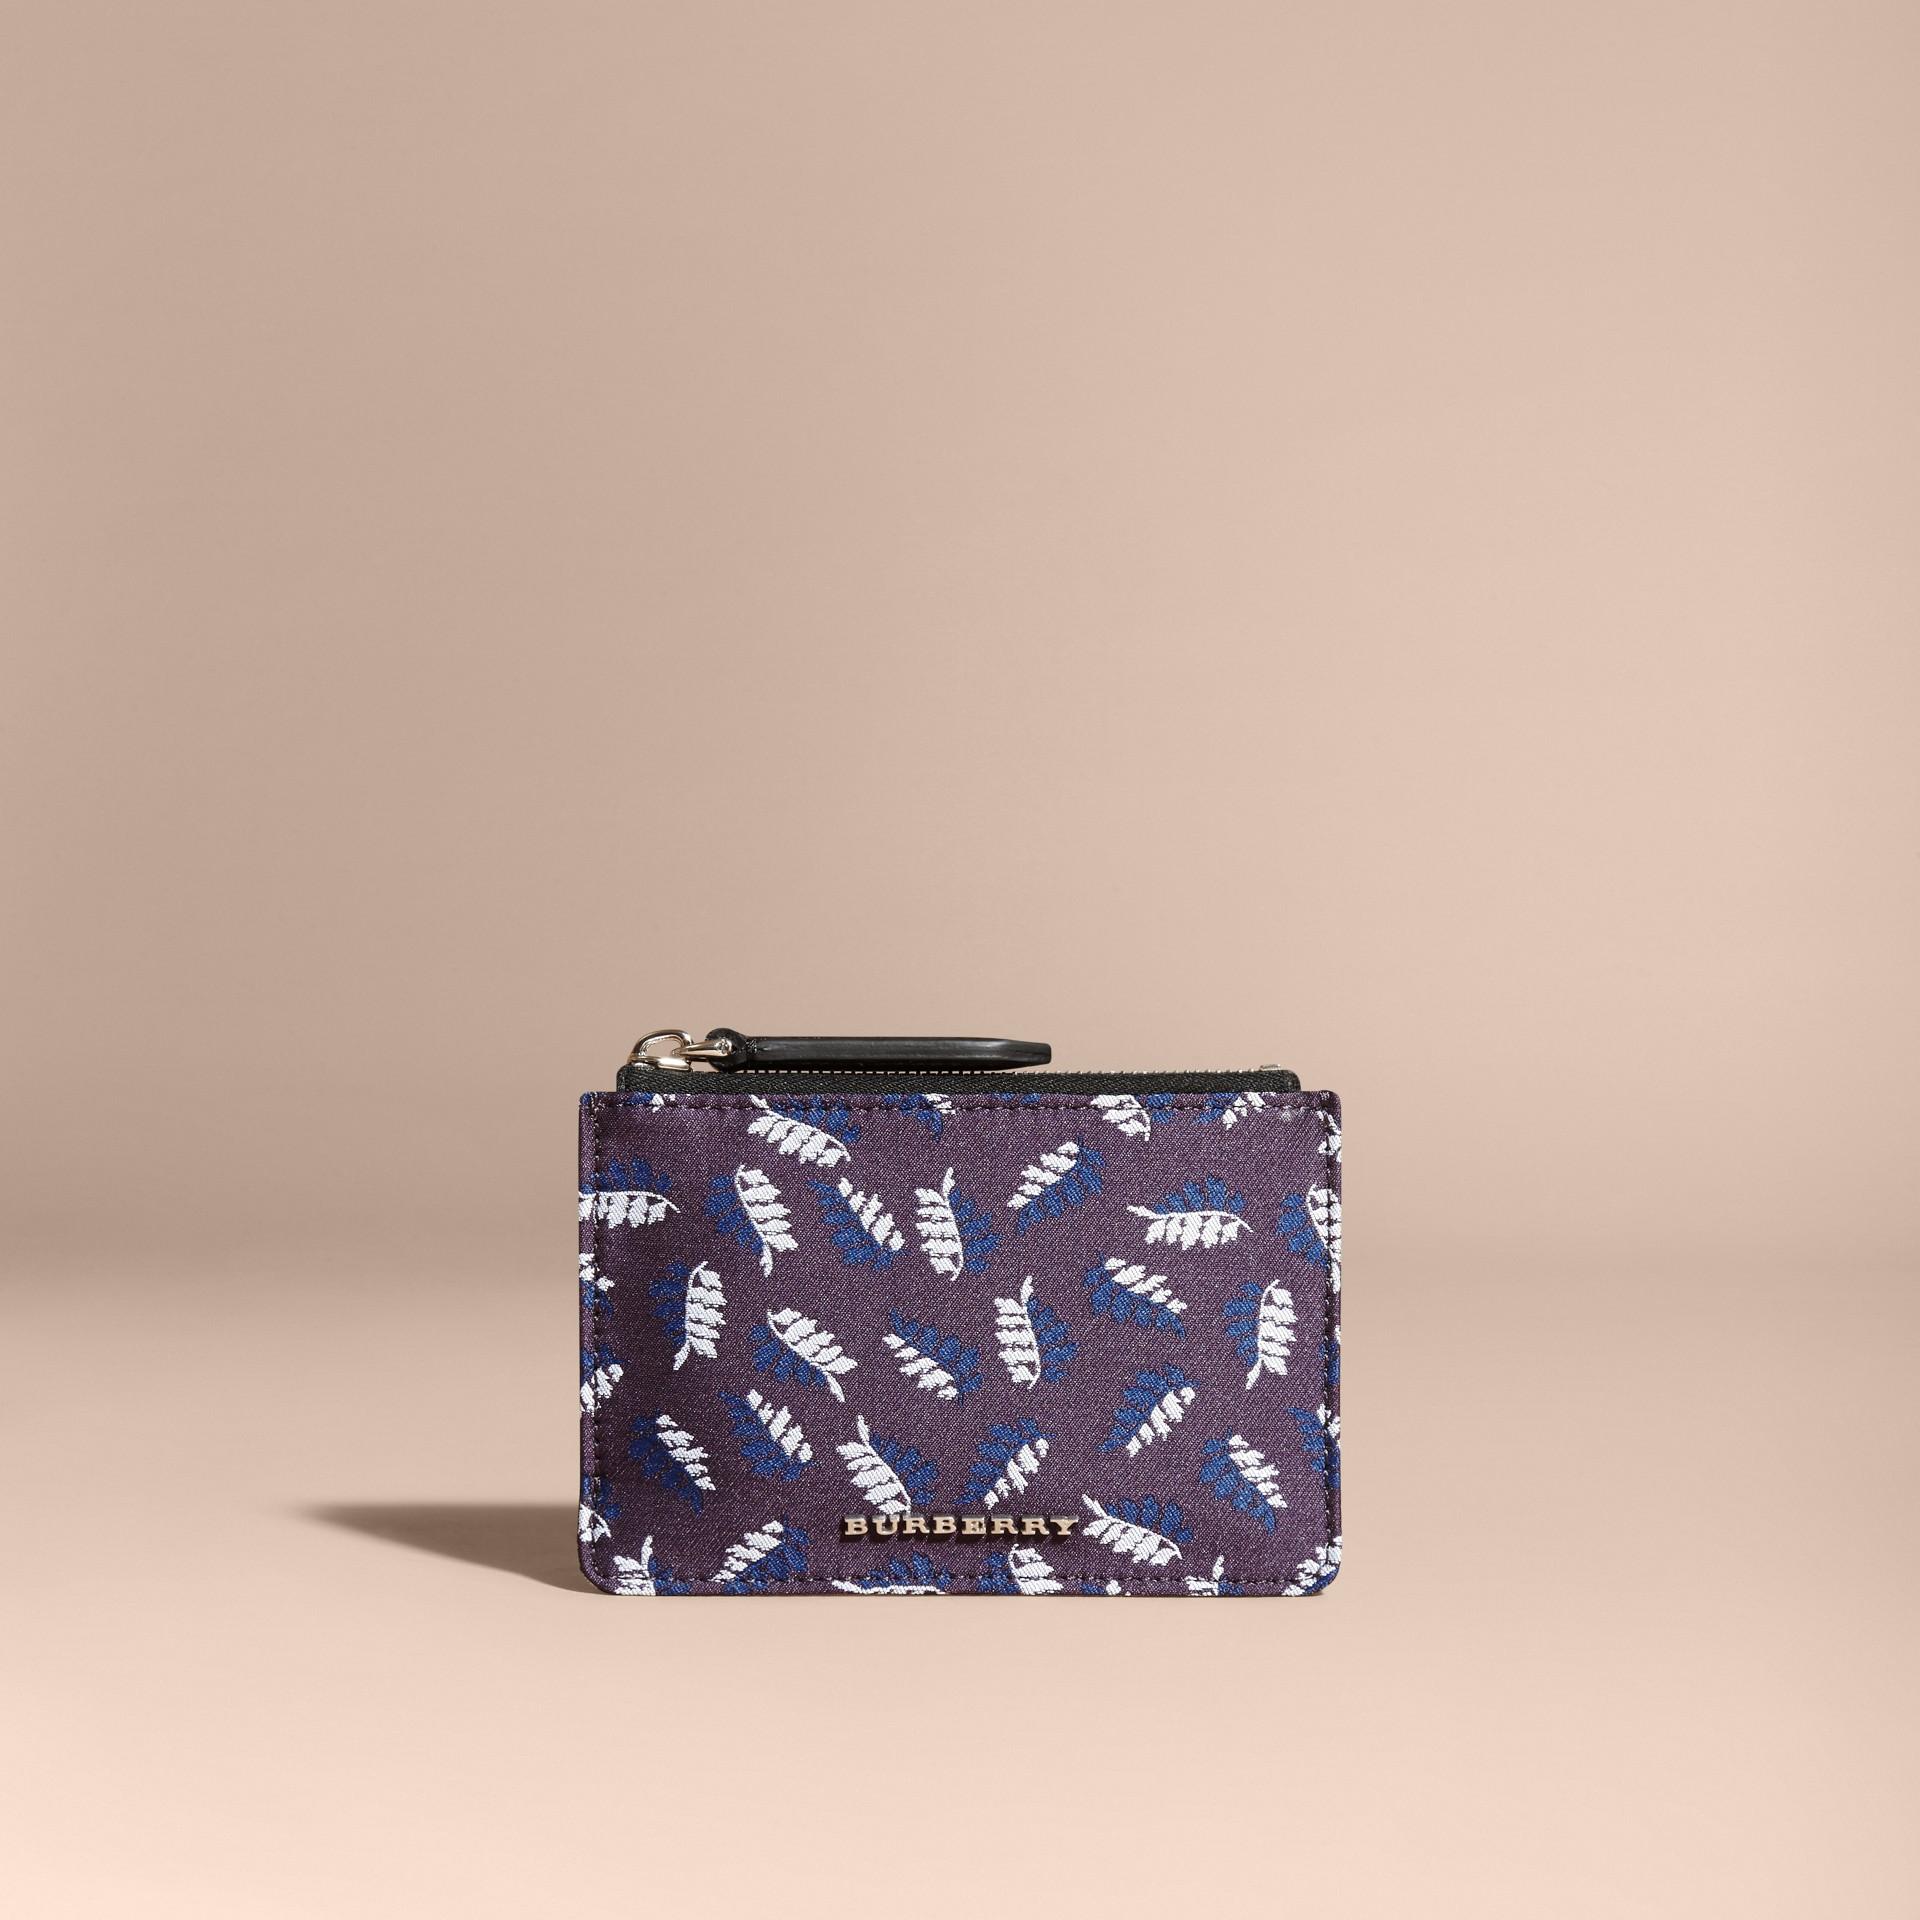 Aubergine intense Portefeuille en jacquard à motif feuillage avec zip supérieur Aubergine Intense - photo de la galerie 6